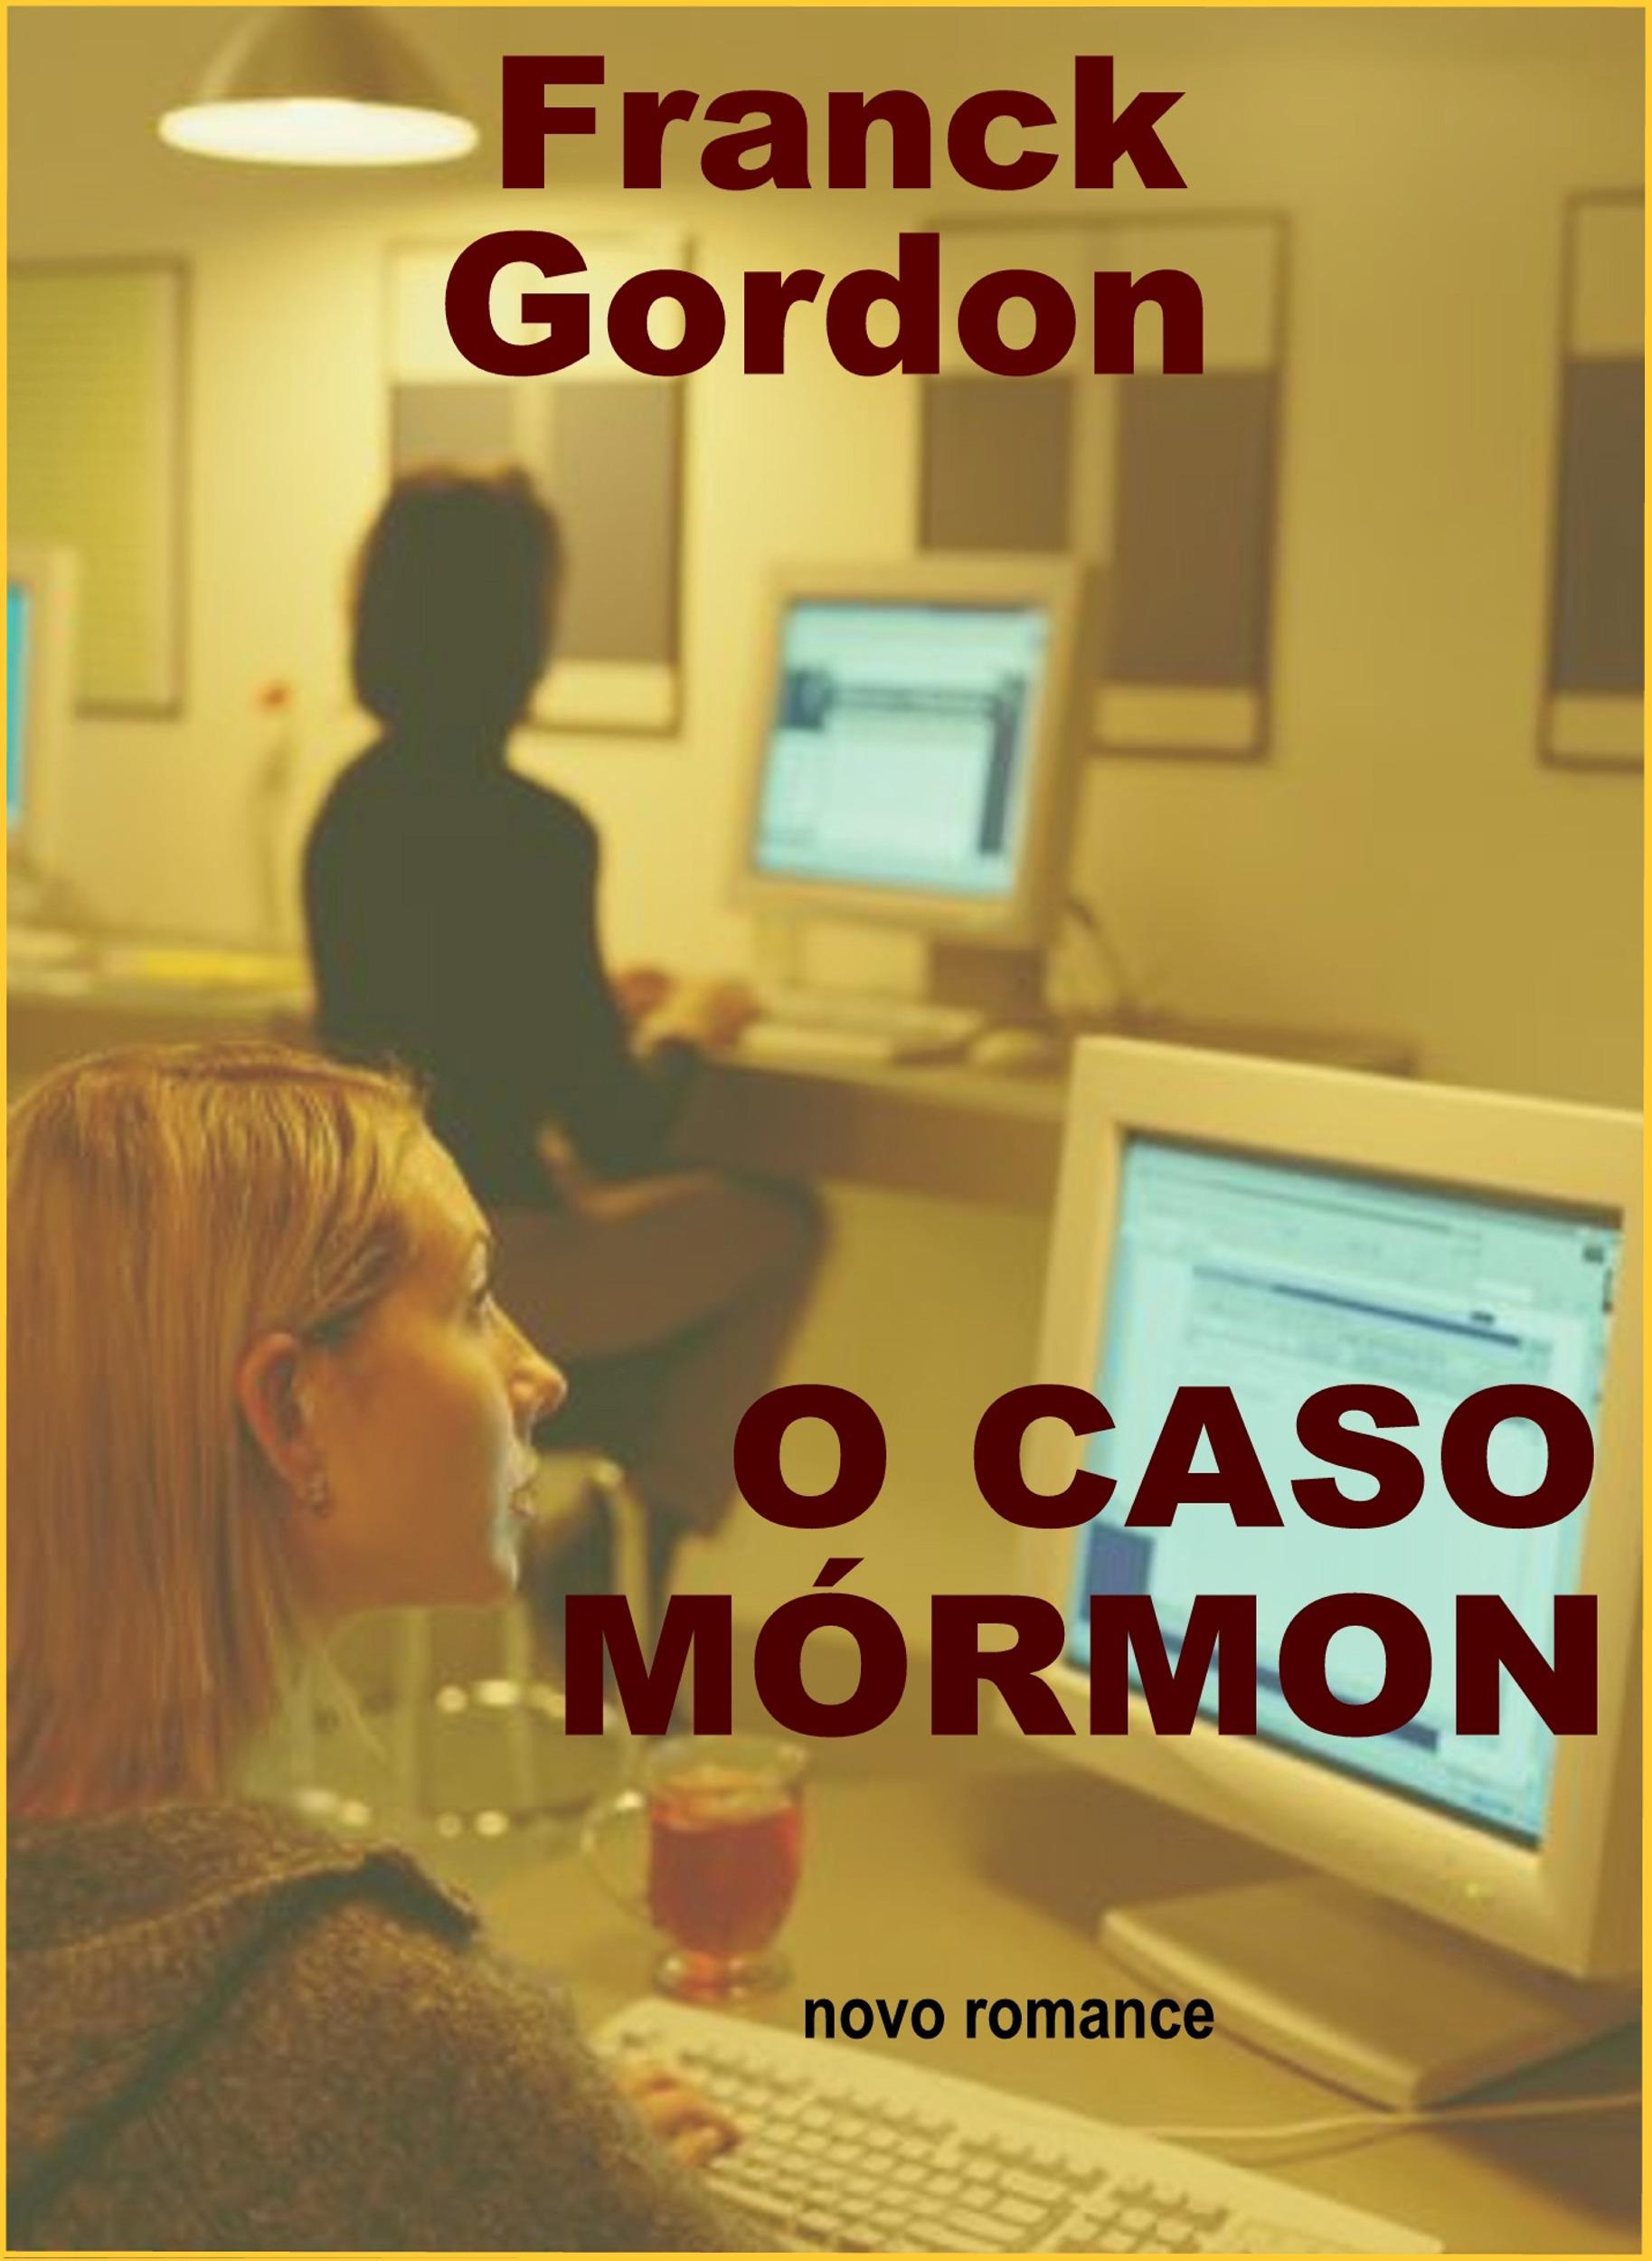 Clique AQUI para comprar este livro na Amazon